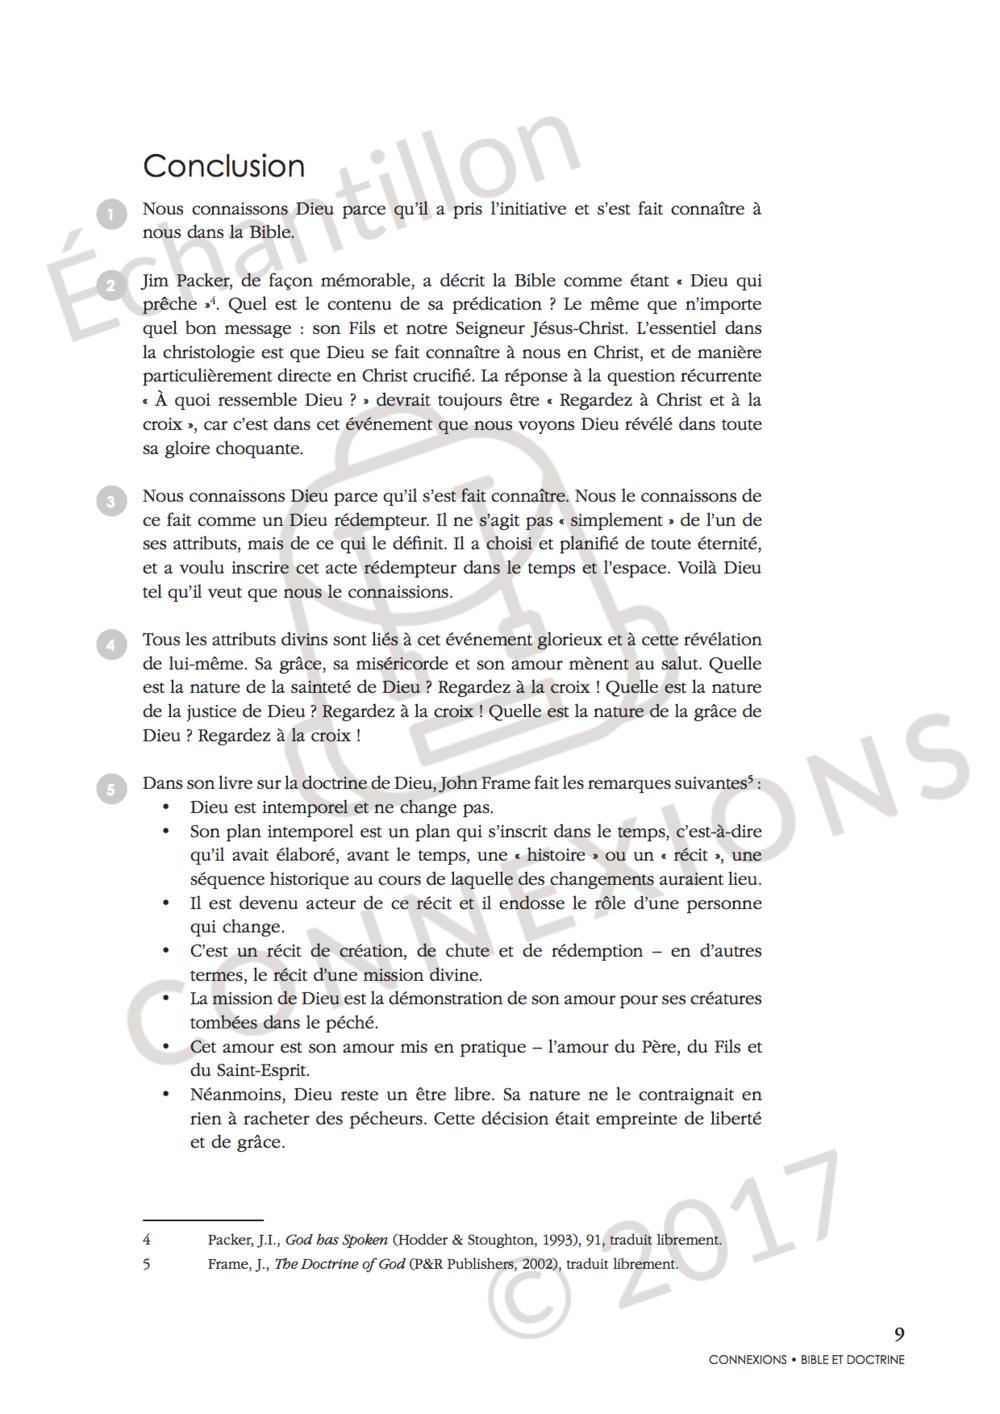 La visée missionnelle du récit biblique_sample_published.6.png